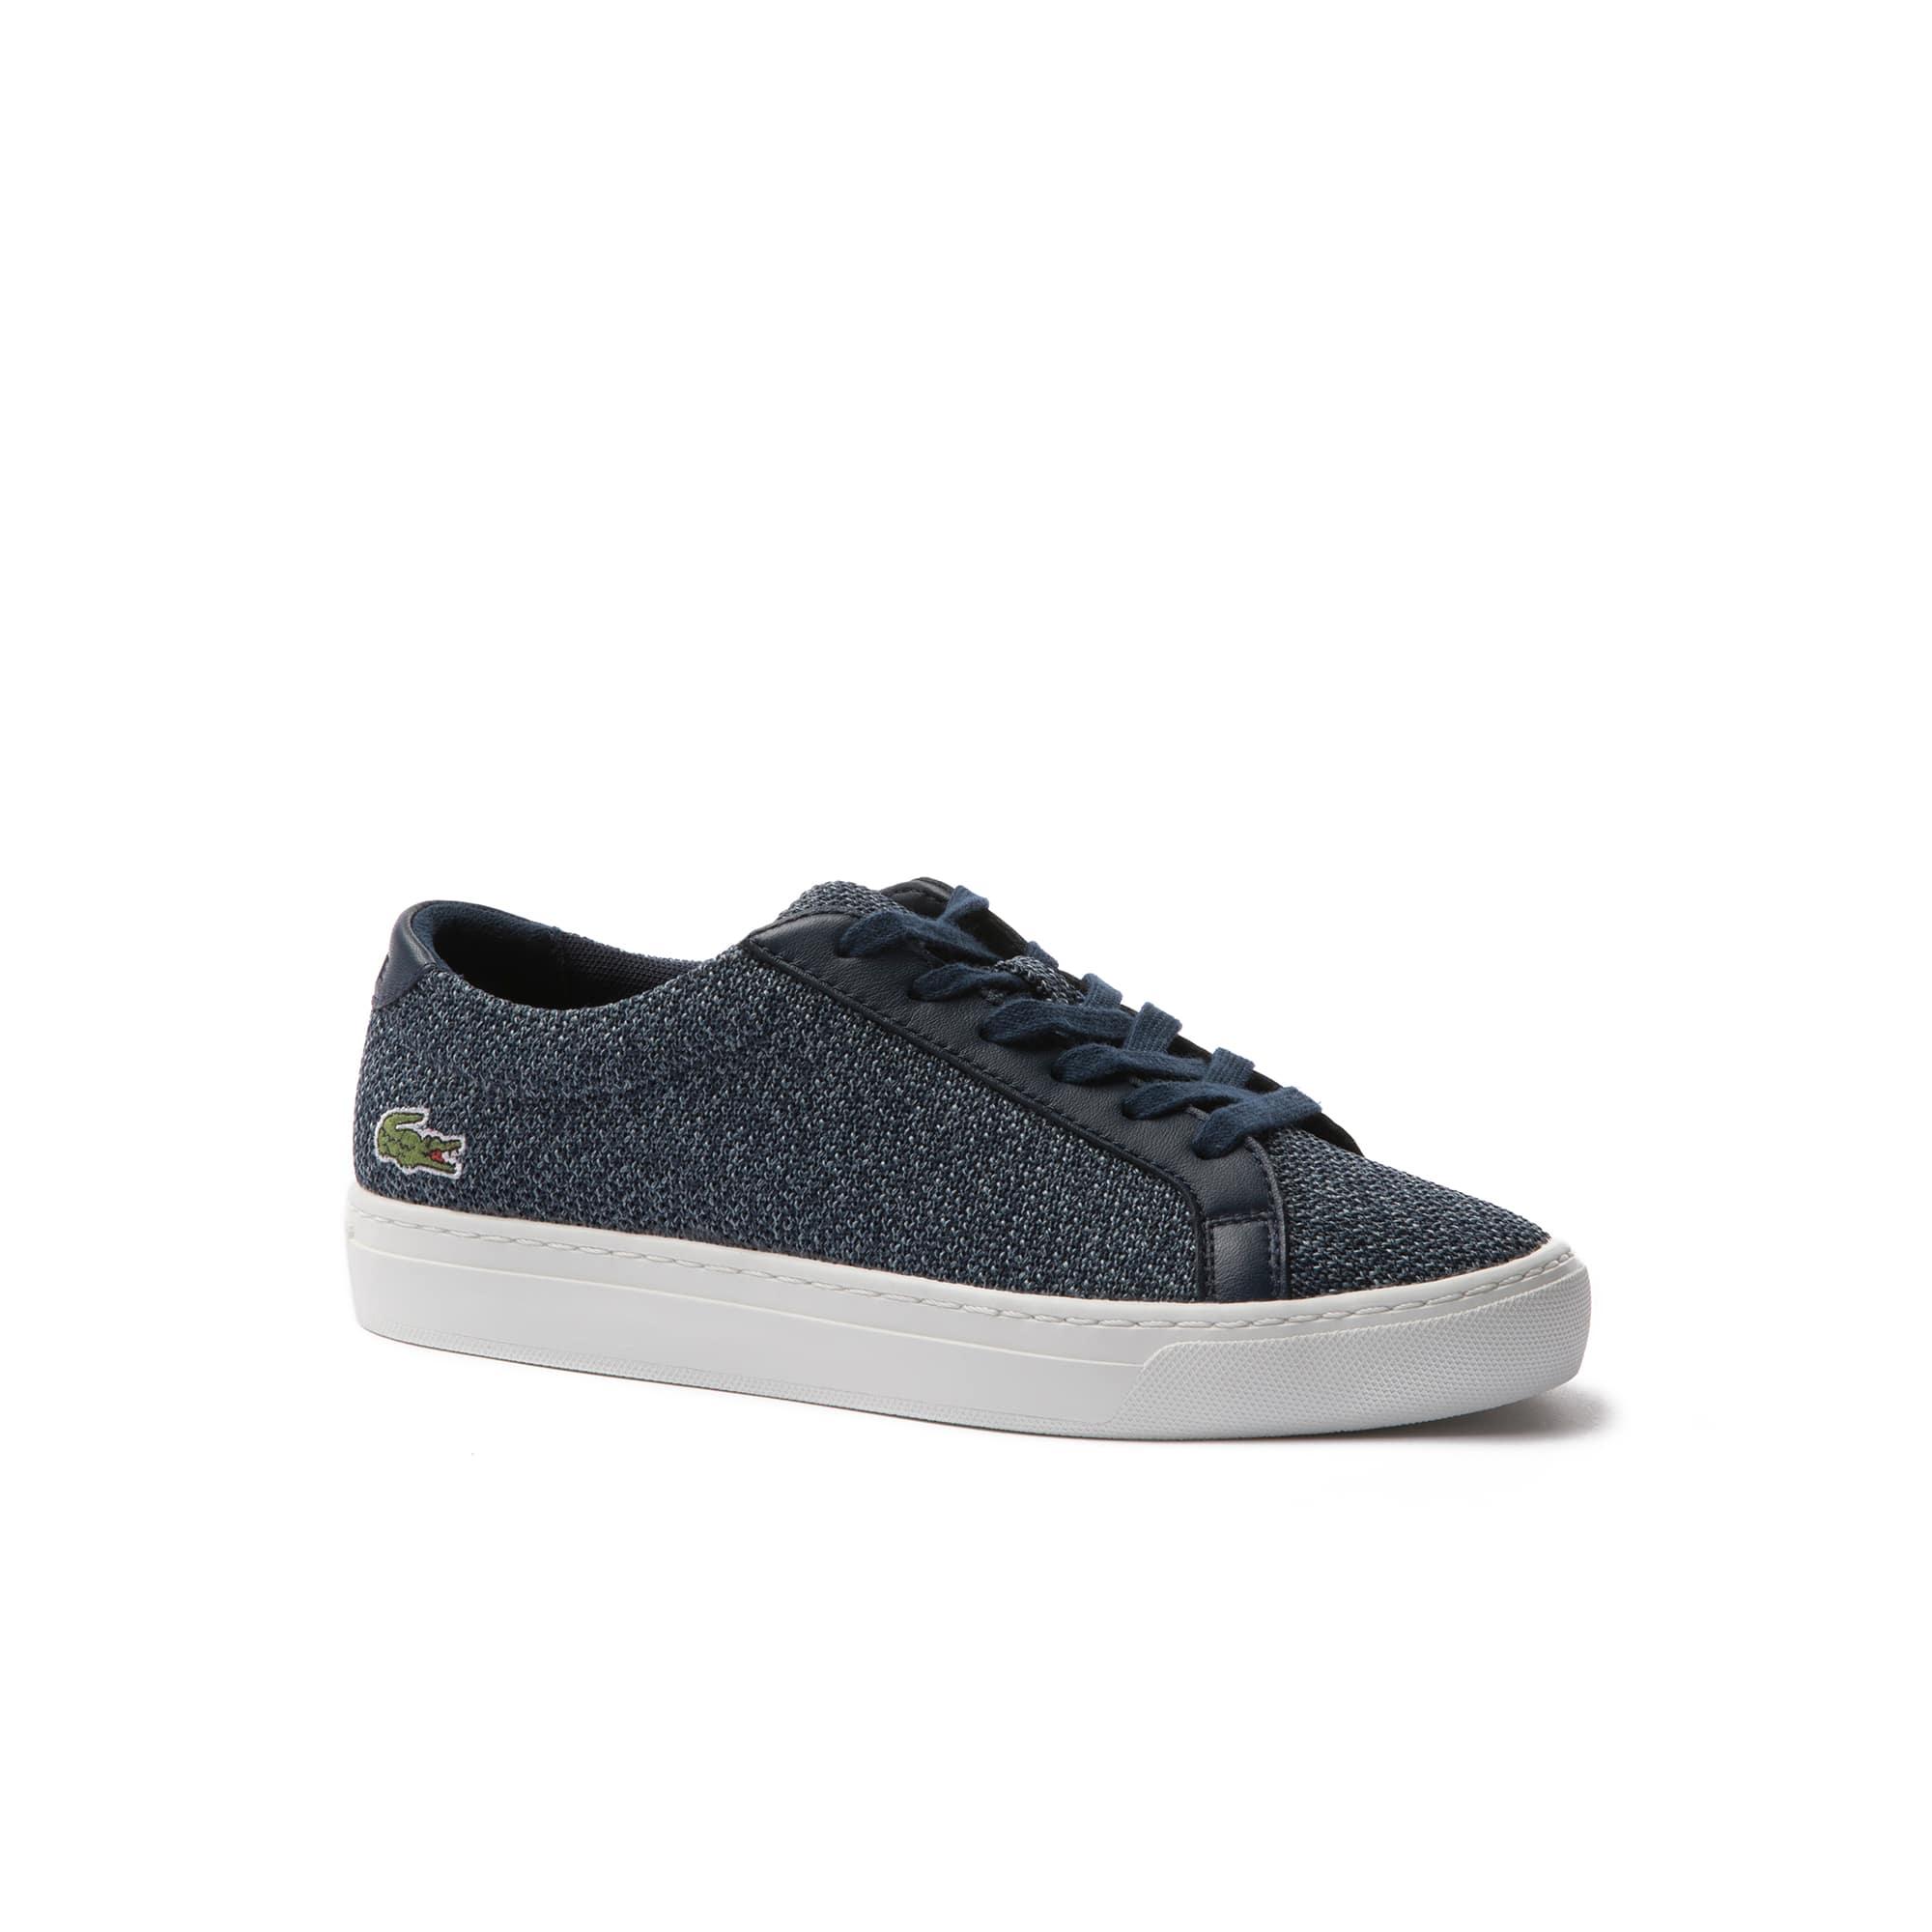 Kids' L.12.12 Piqué Sneakers